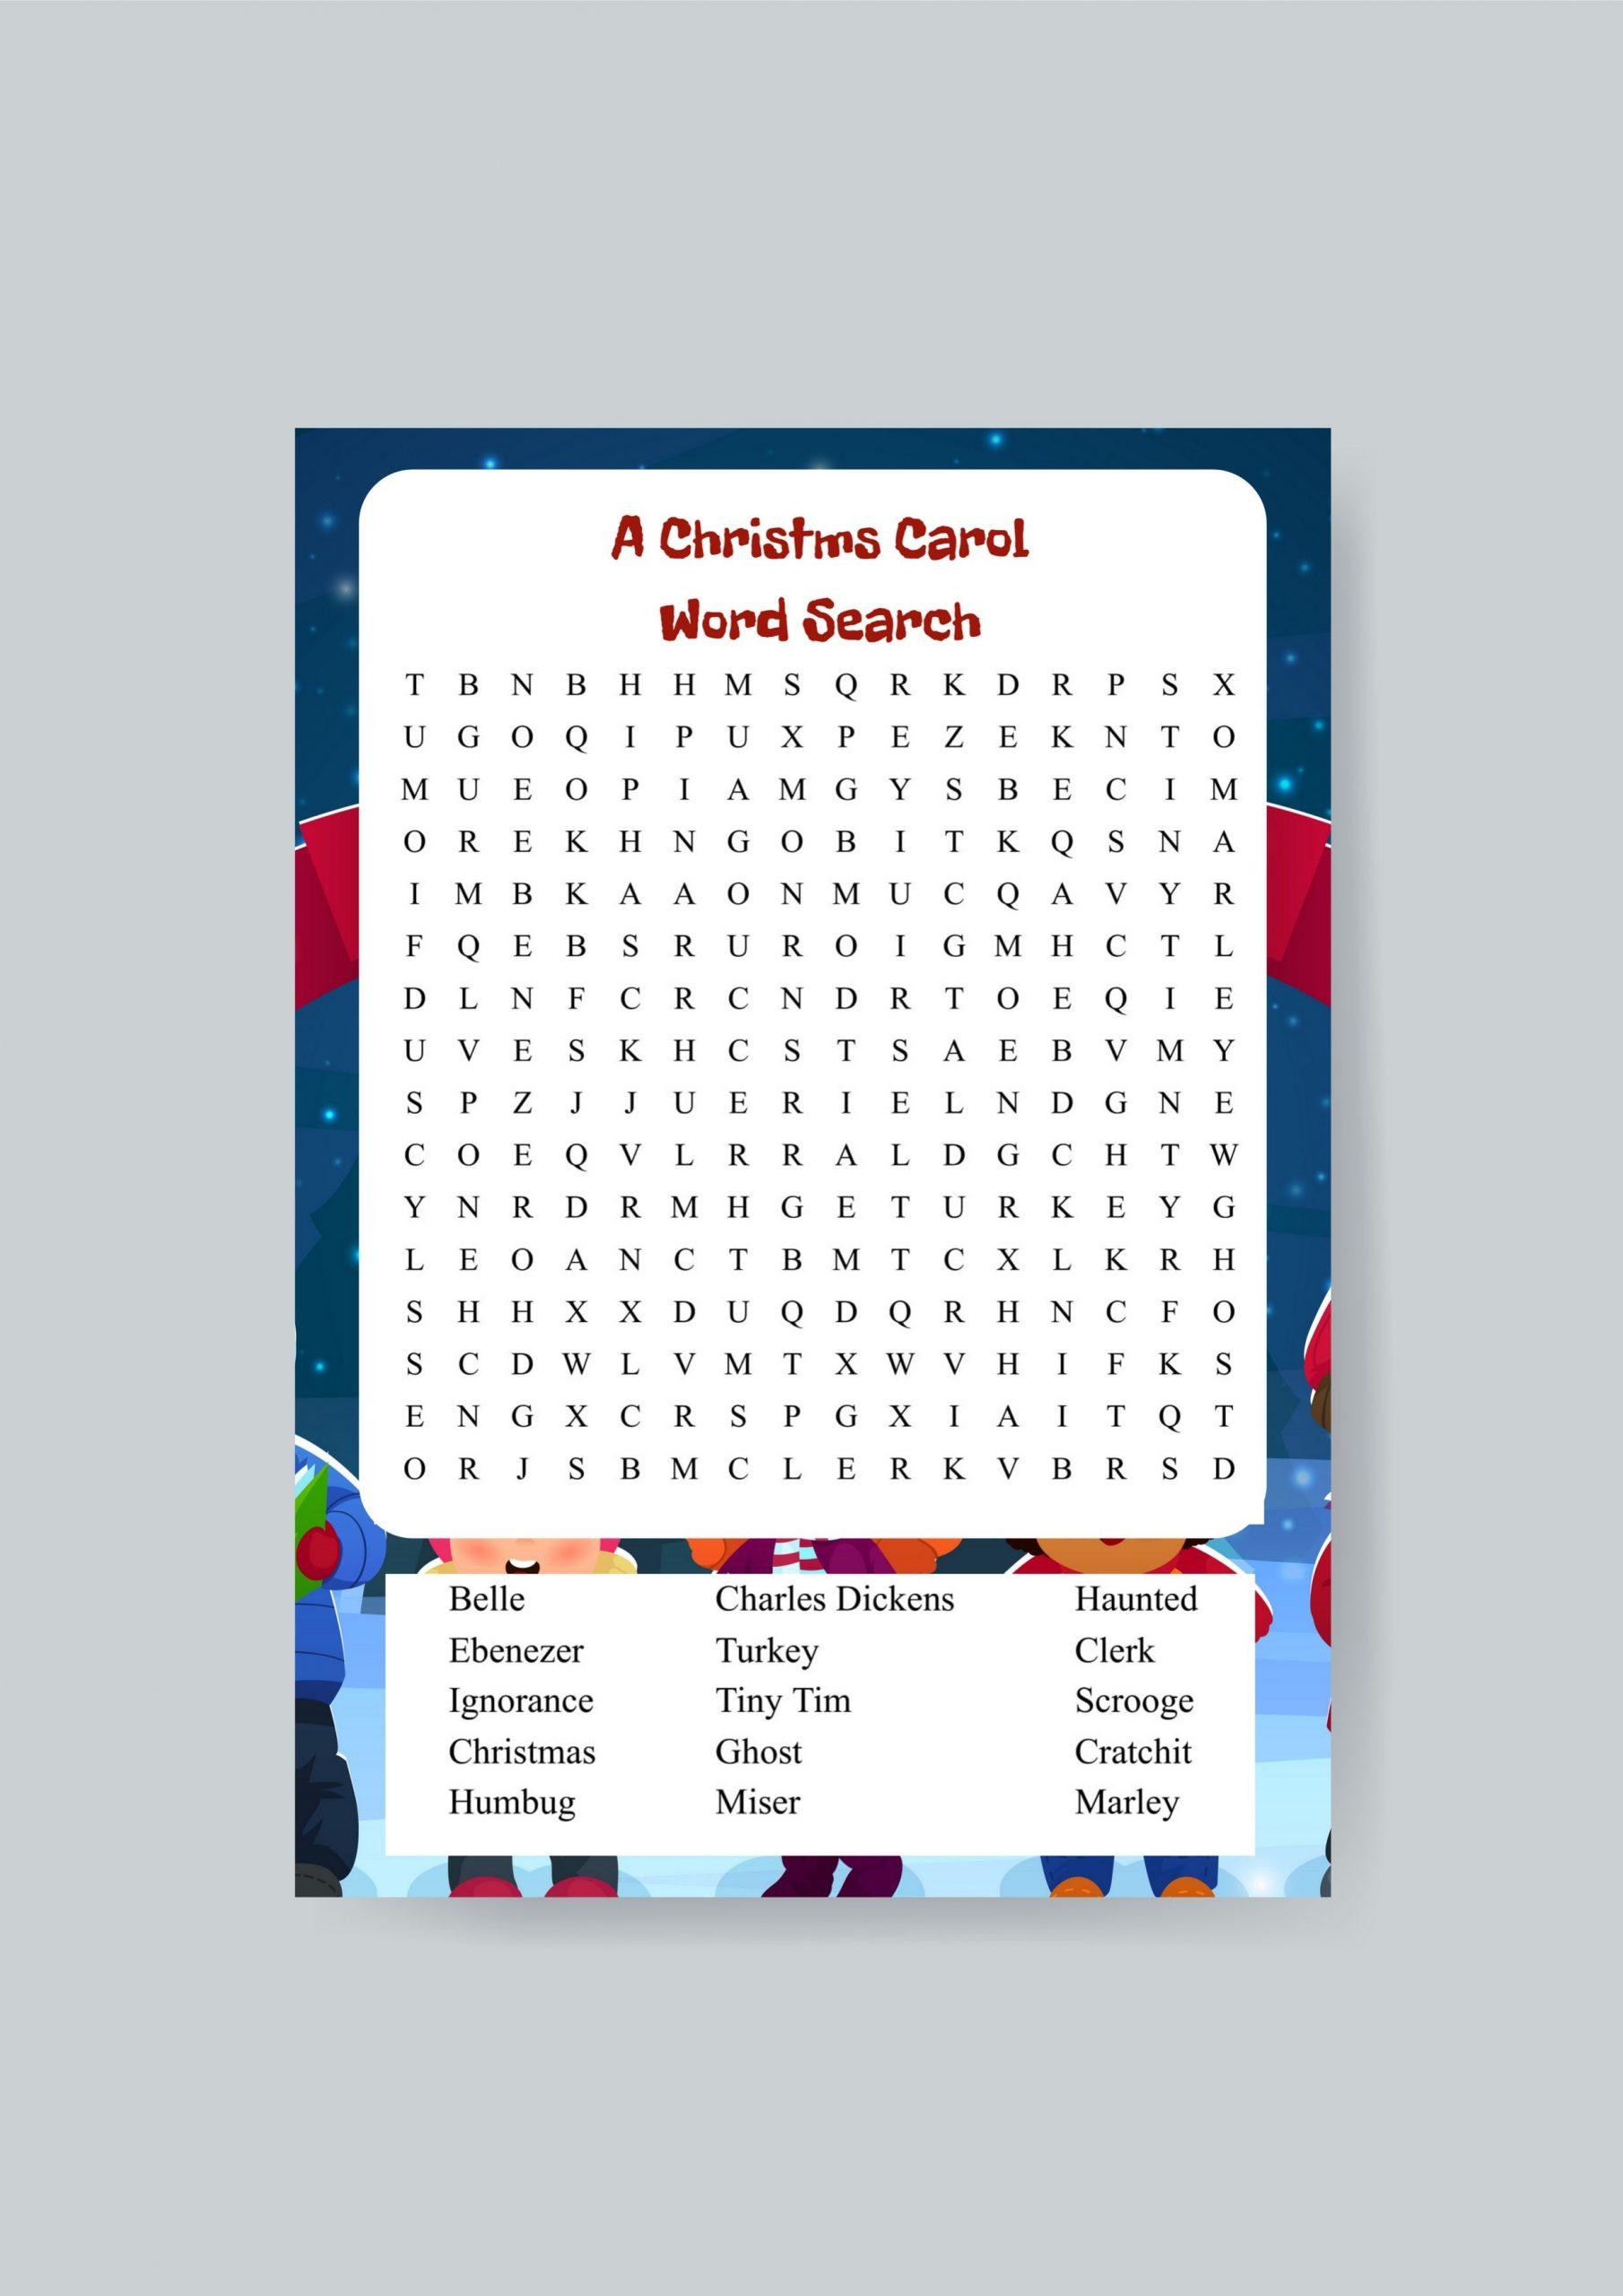 A Christmas Carol Word Search Printable